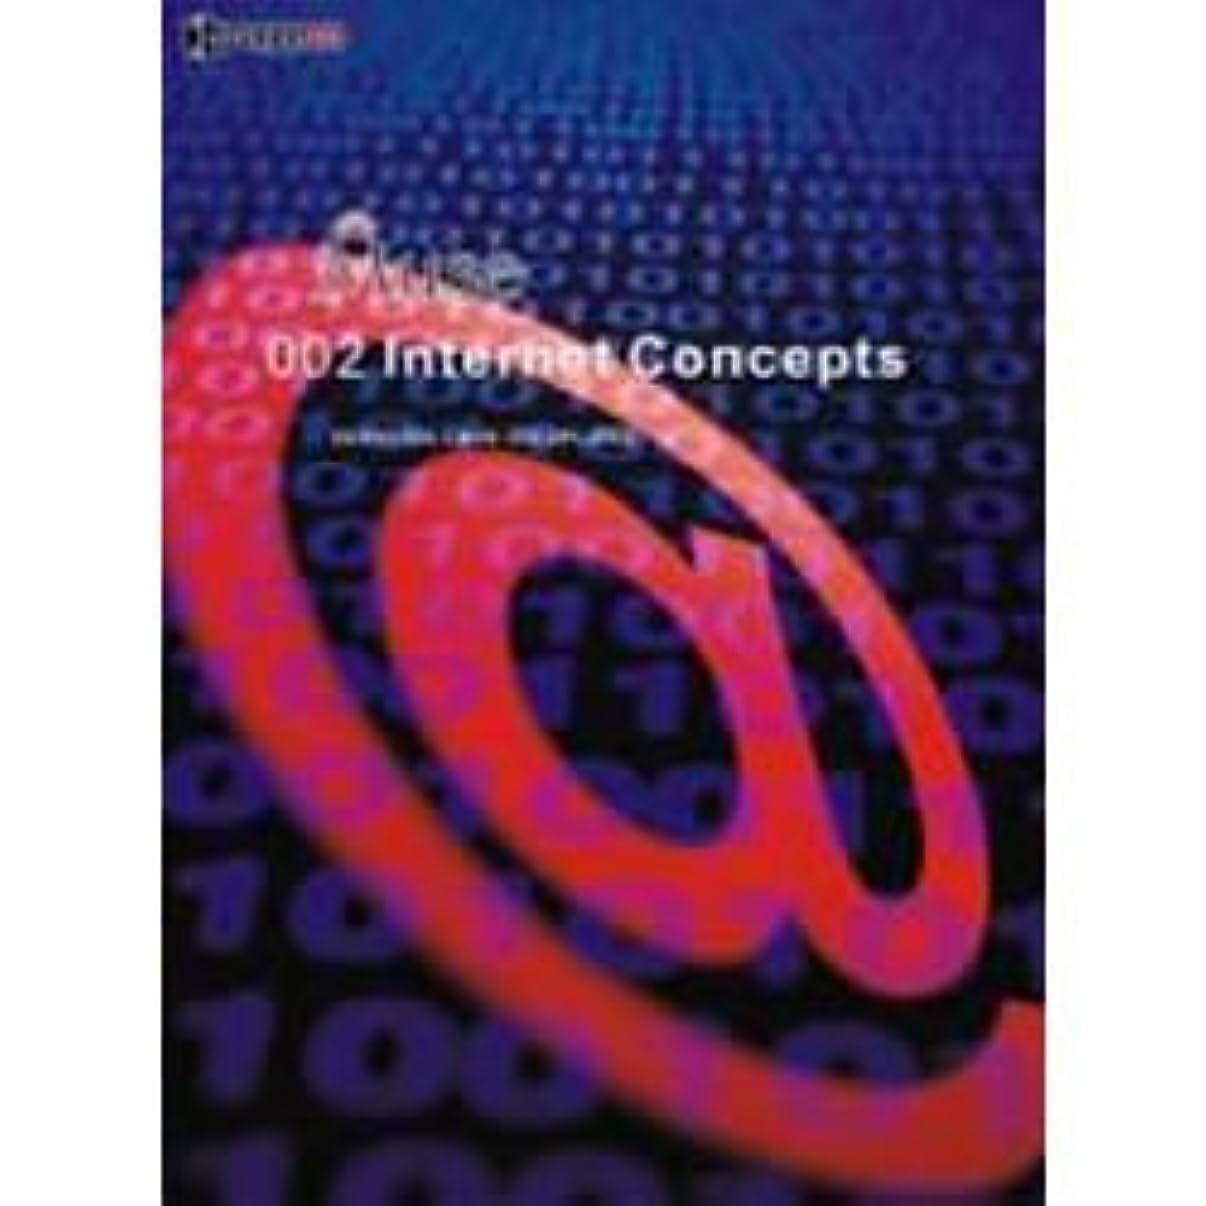 ジュニアアサーシャーミューズ Vol.2 インターネット構想